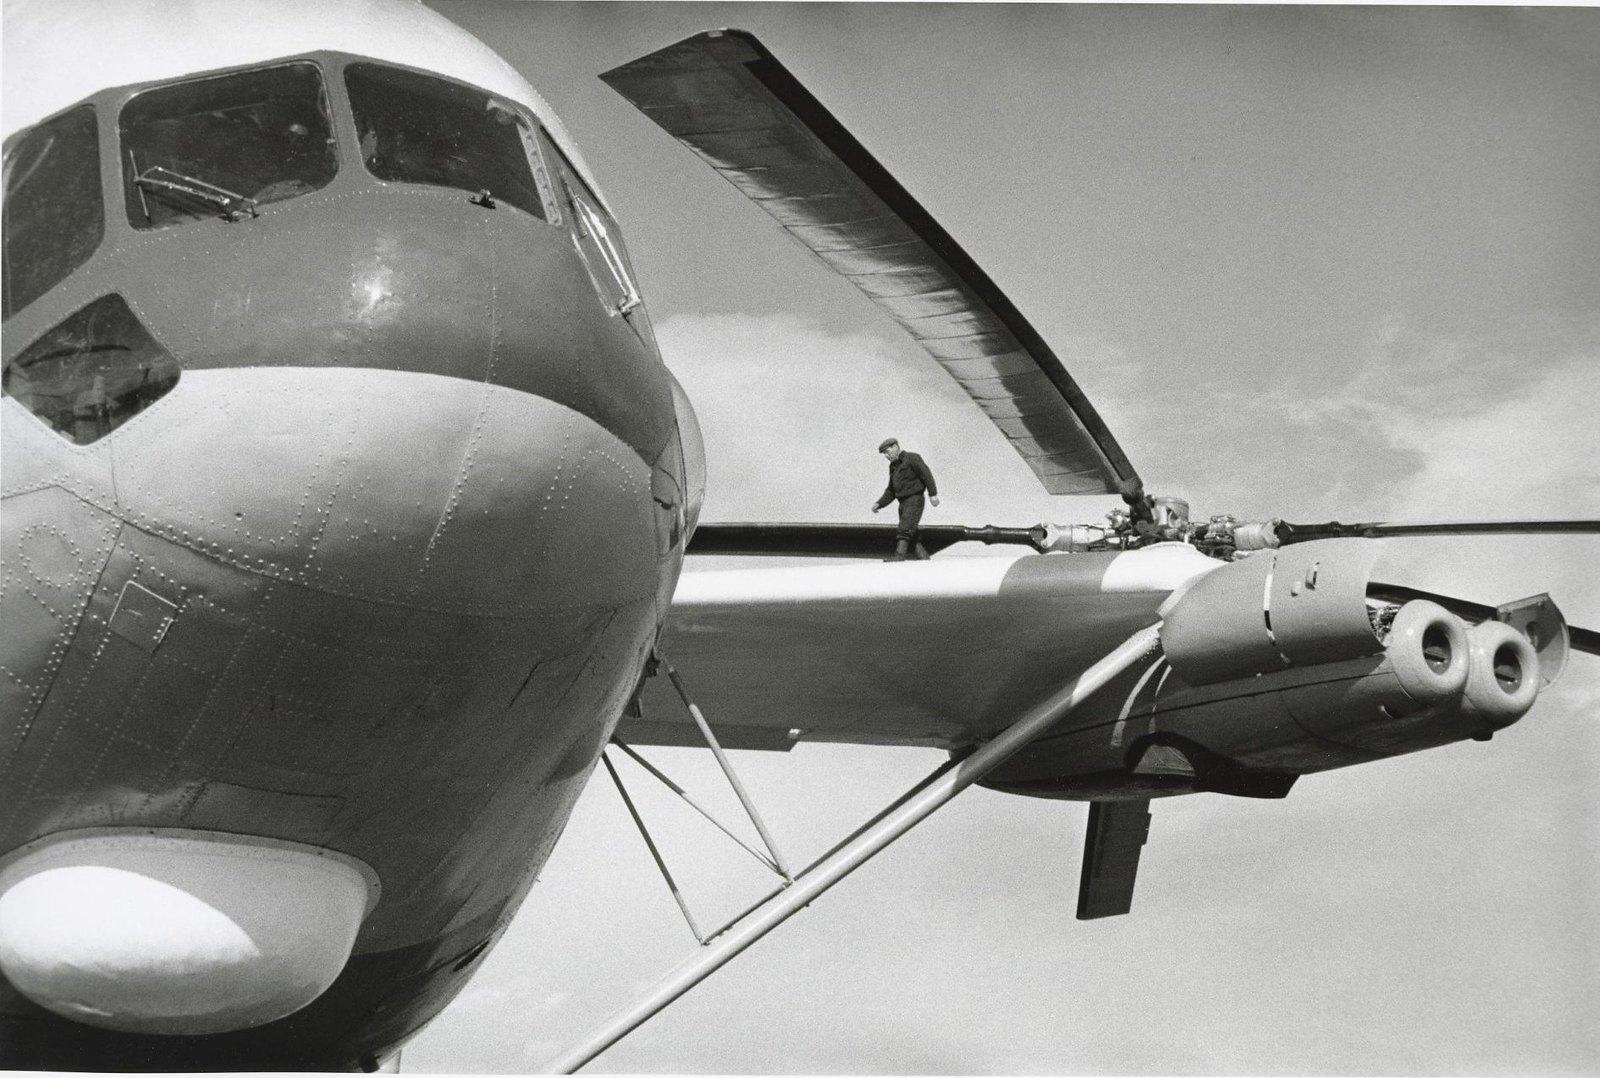 1971. Сверхтяжелый транспортный вертолет В-12 (МИ-12) для перевозки различных видов боевой техники, включая баллистические ракеты.1